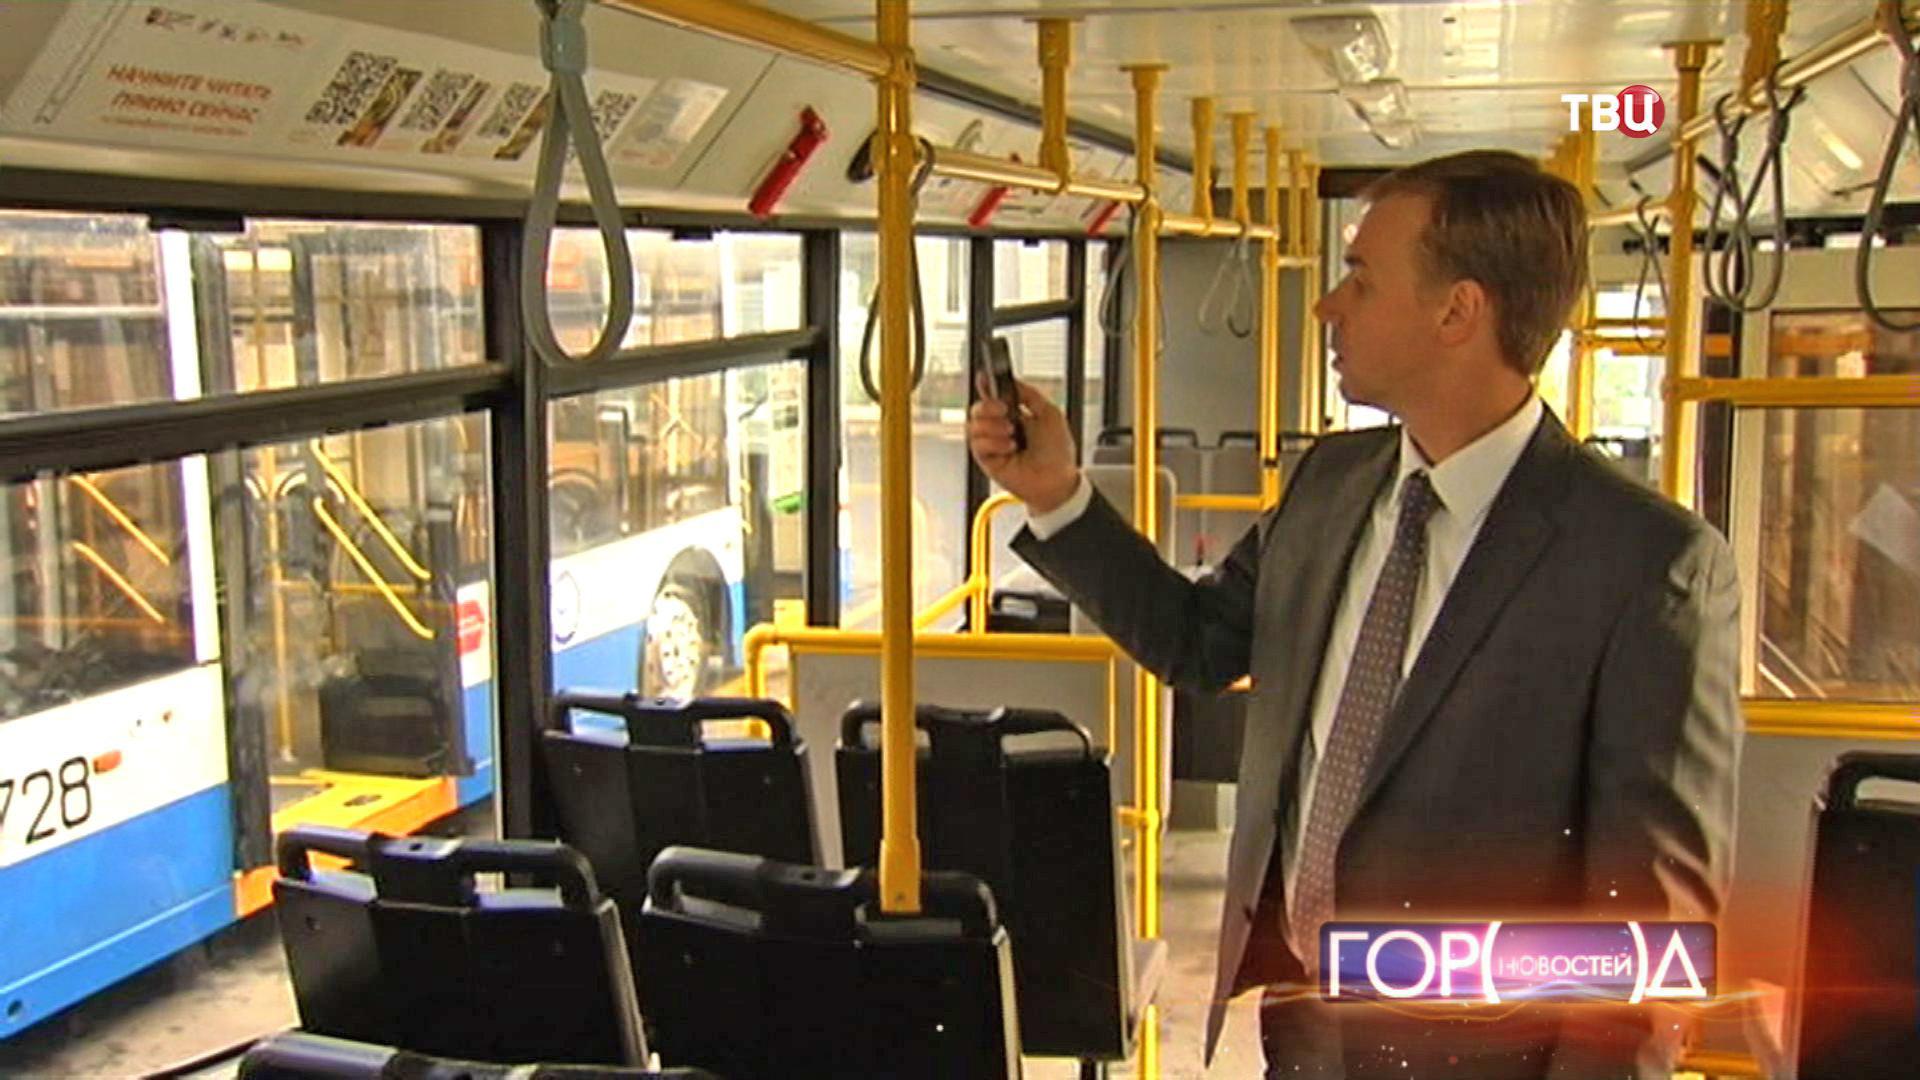 QR-код в общественном транспорте